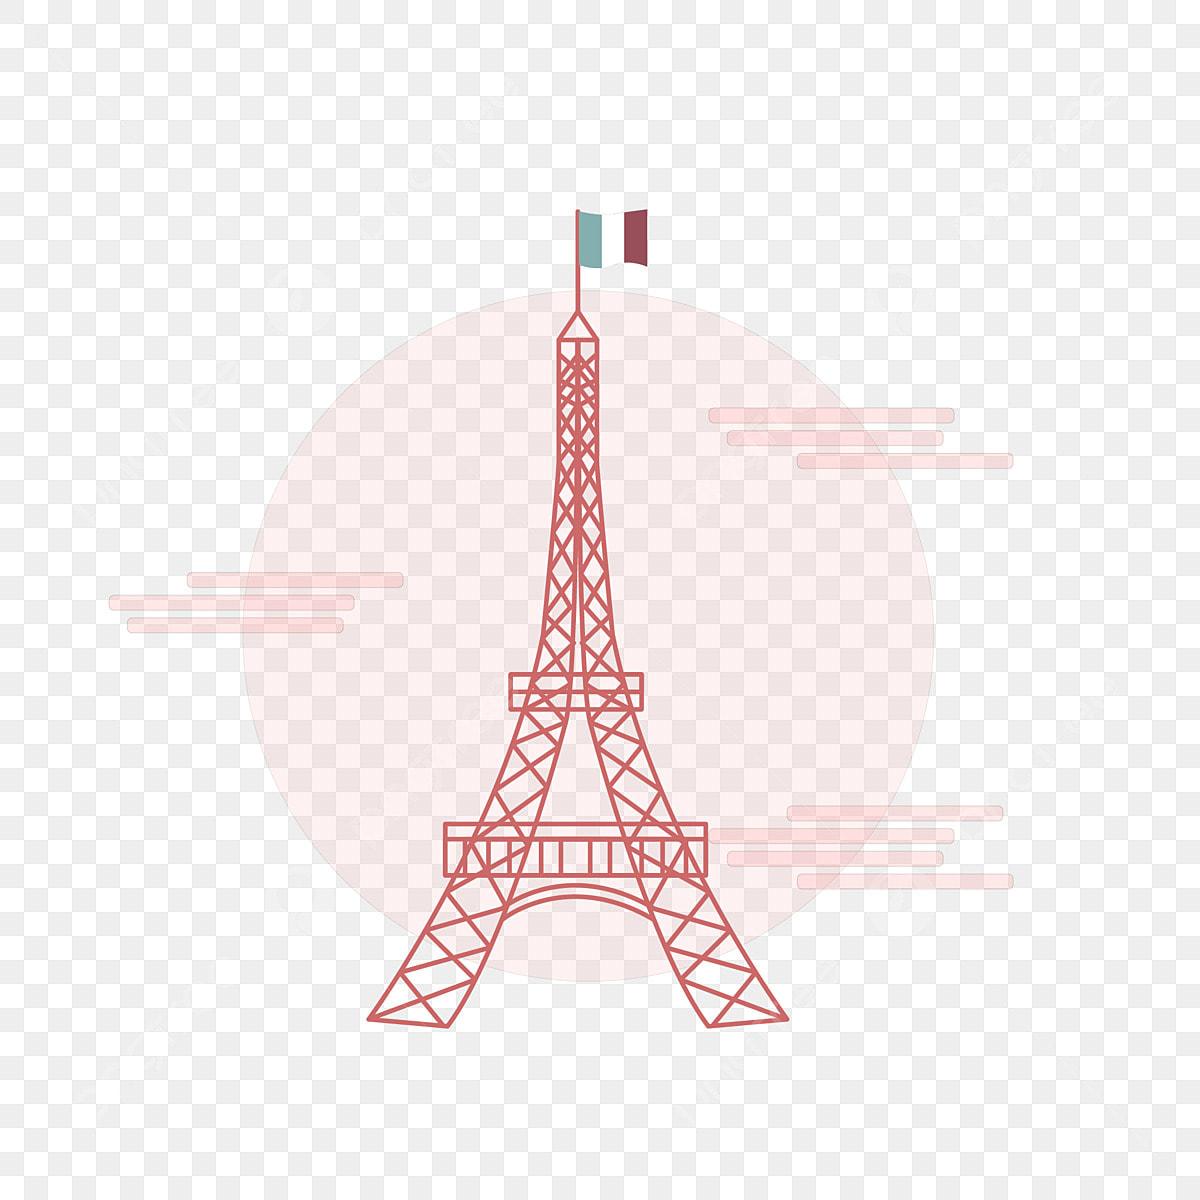 Tour Eiffel isolée - Telecharger Vectoriel Gratuit, Clipart Graphique,  Vecteur Dessins et Pictogramme Gratuit